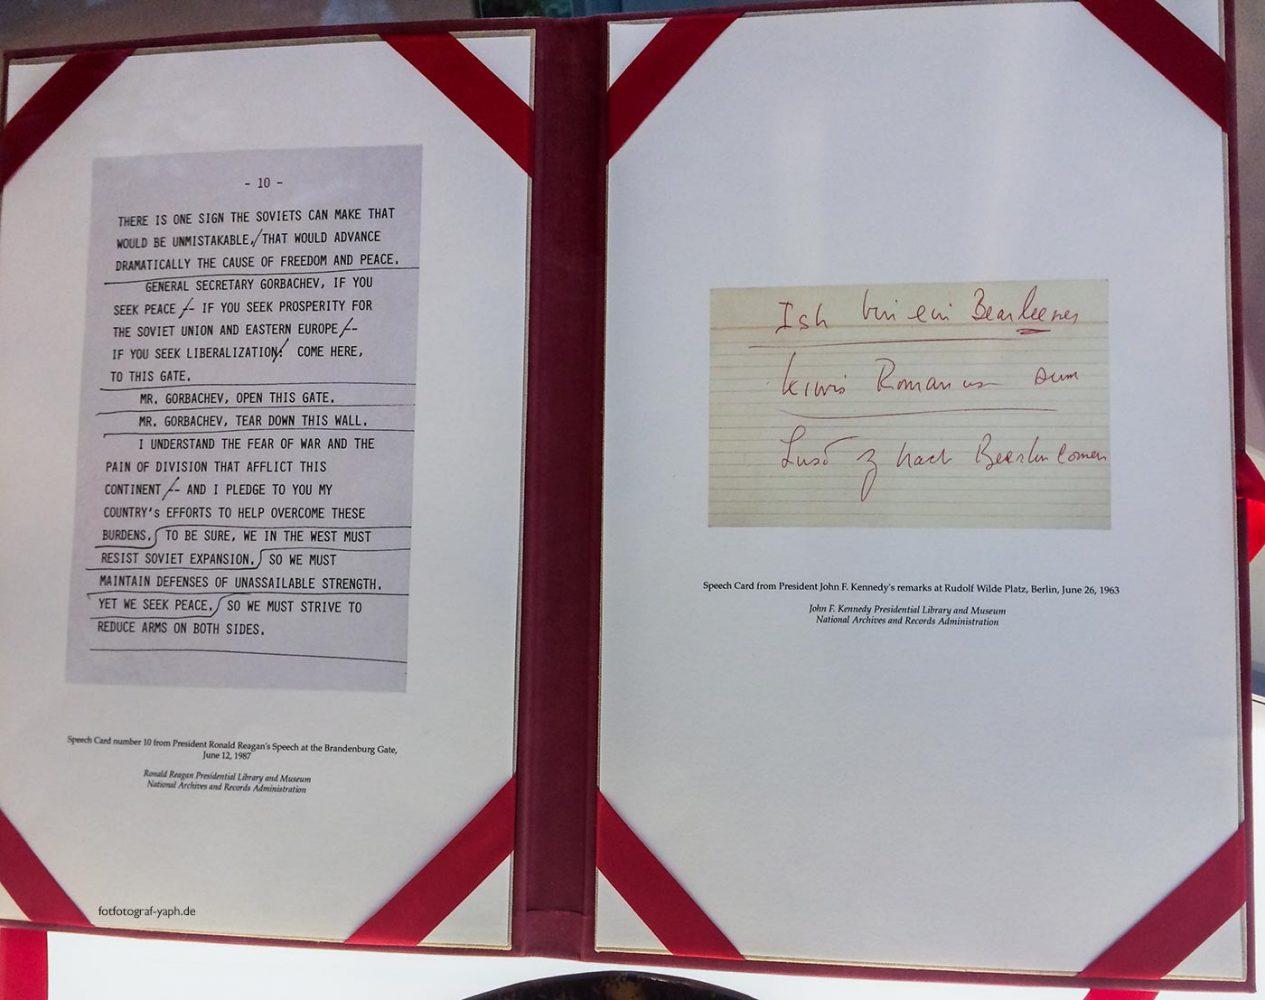 """John F. Kennedy hat für seinen legendären Satz """"Ich bin ein Berliner"""" eine Sprechkarte zur korrekten Aussprache benötigt."""